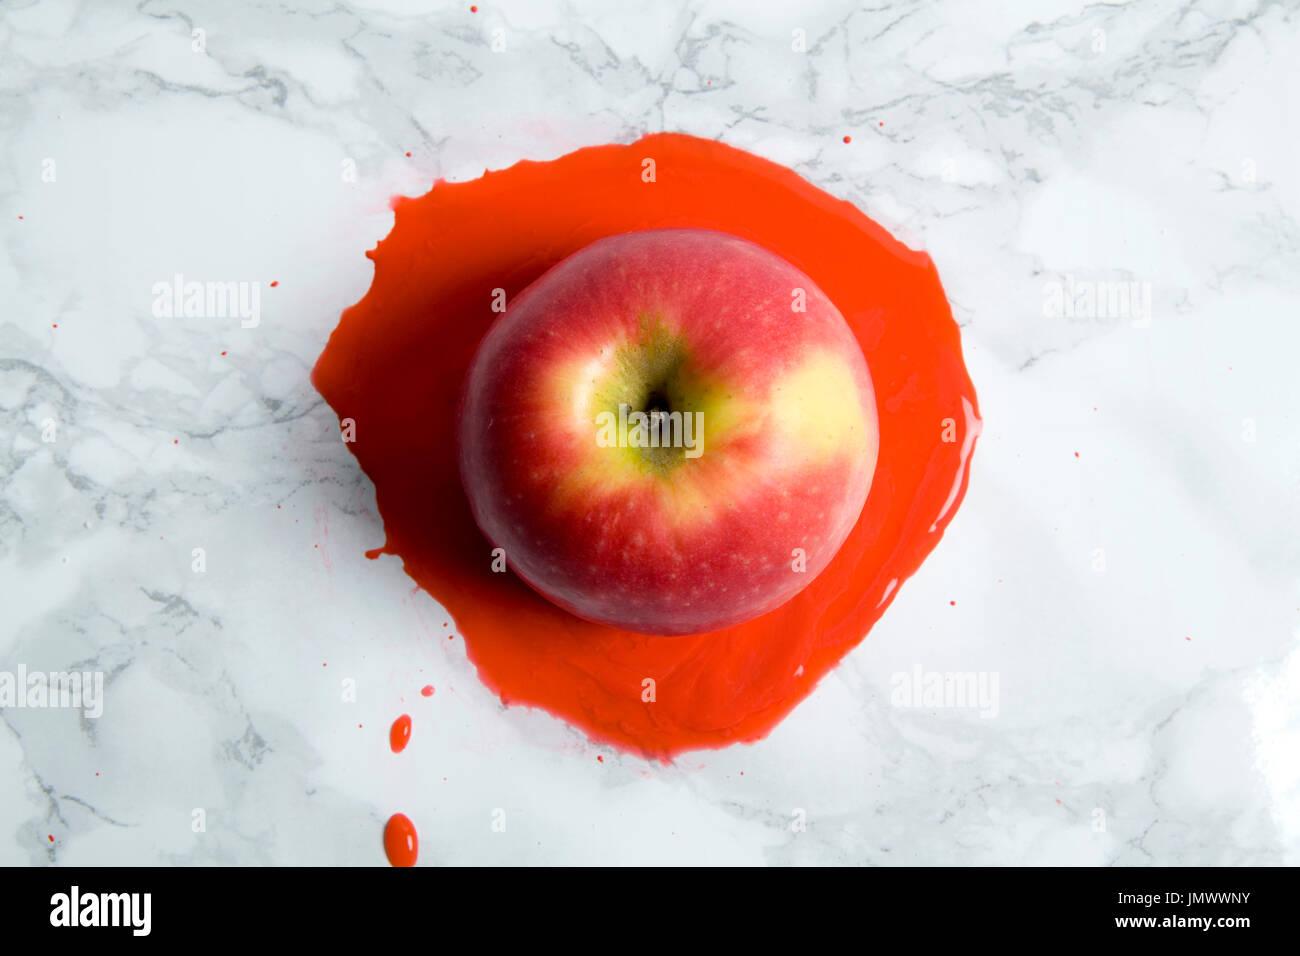 Una fusión de apple sobre un fondo de mármol color mínimo. La fotografía de modos de vida Imagen De Stock